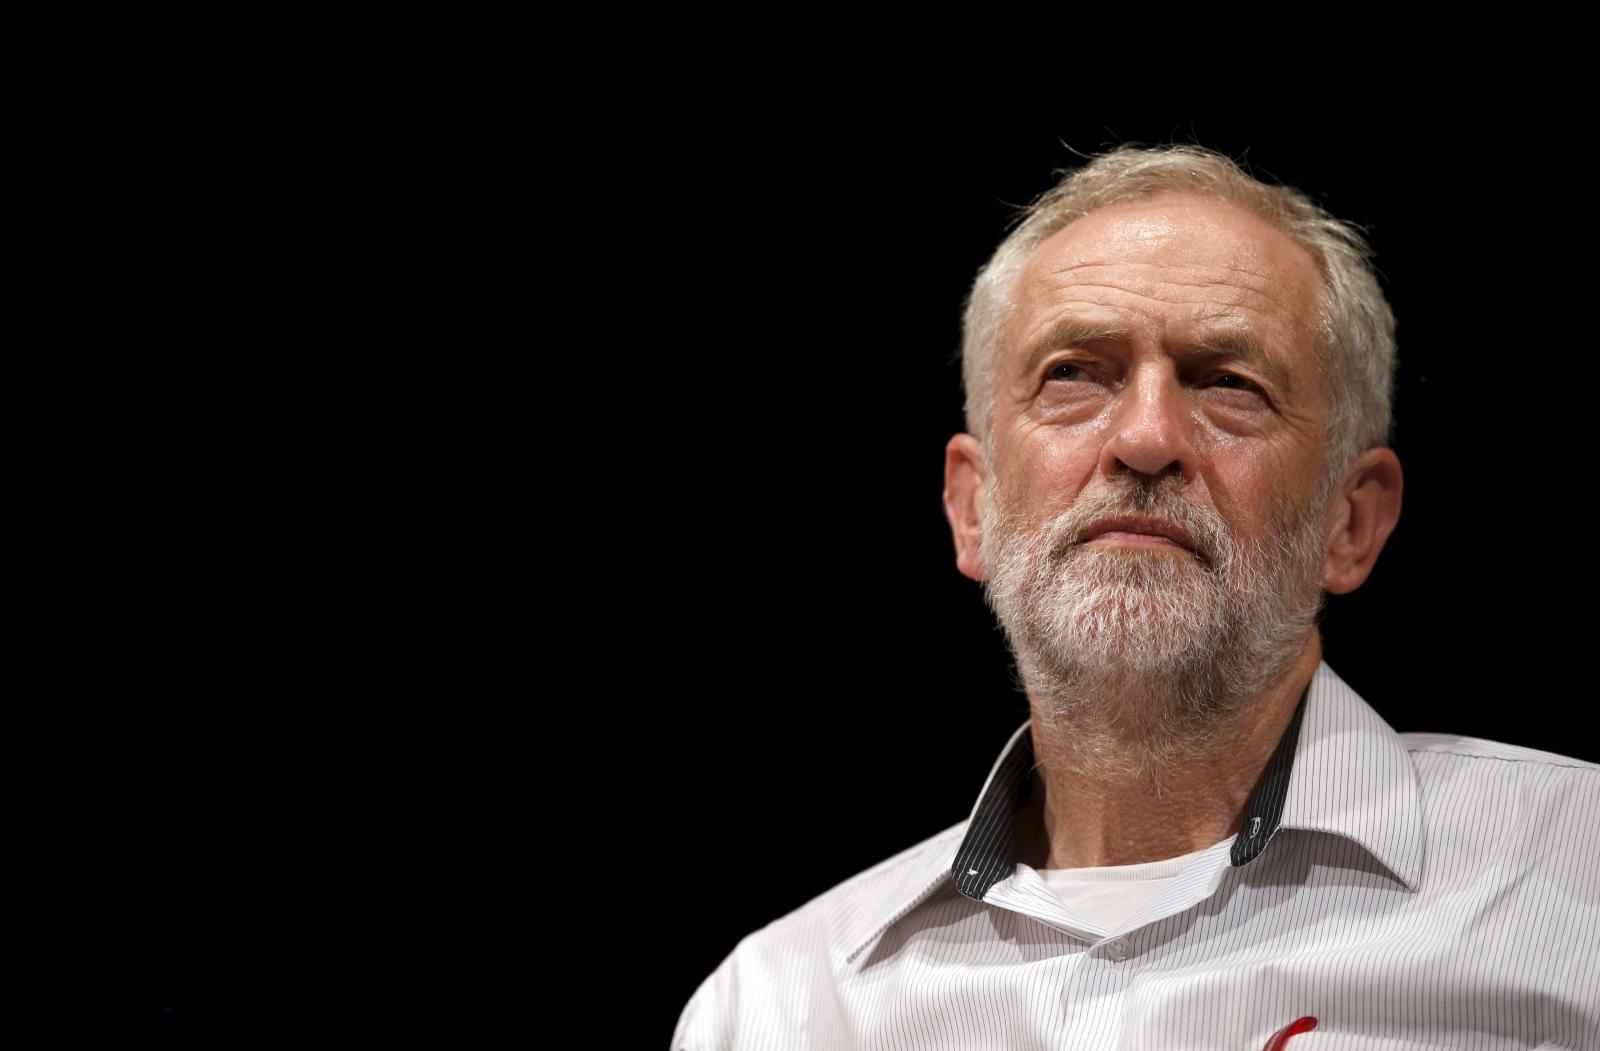 jeremy corbyn - photo #14